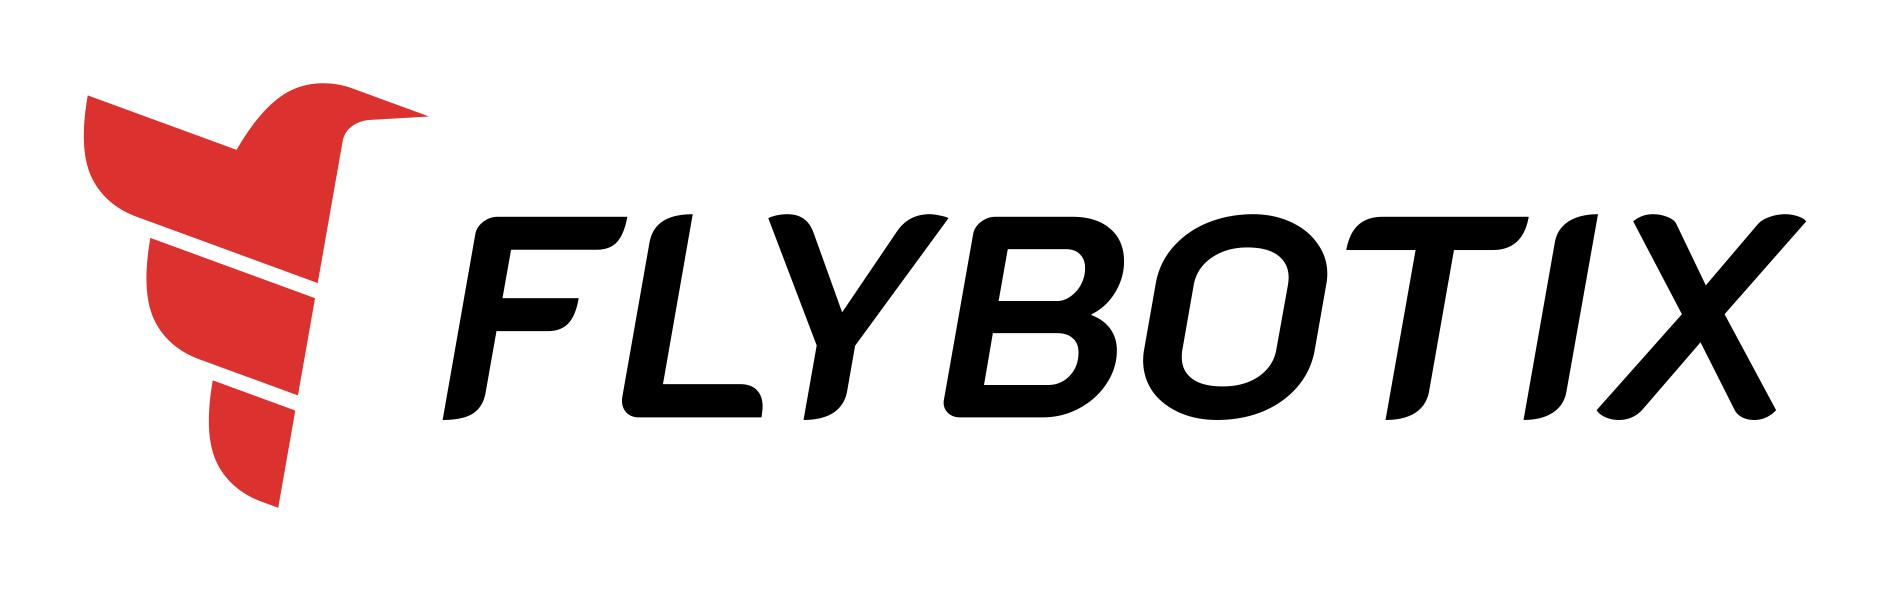 flybotix logo